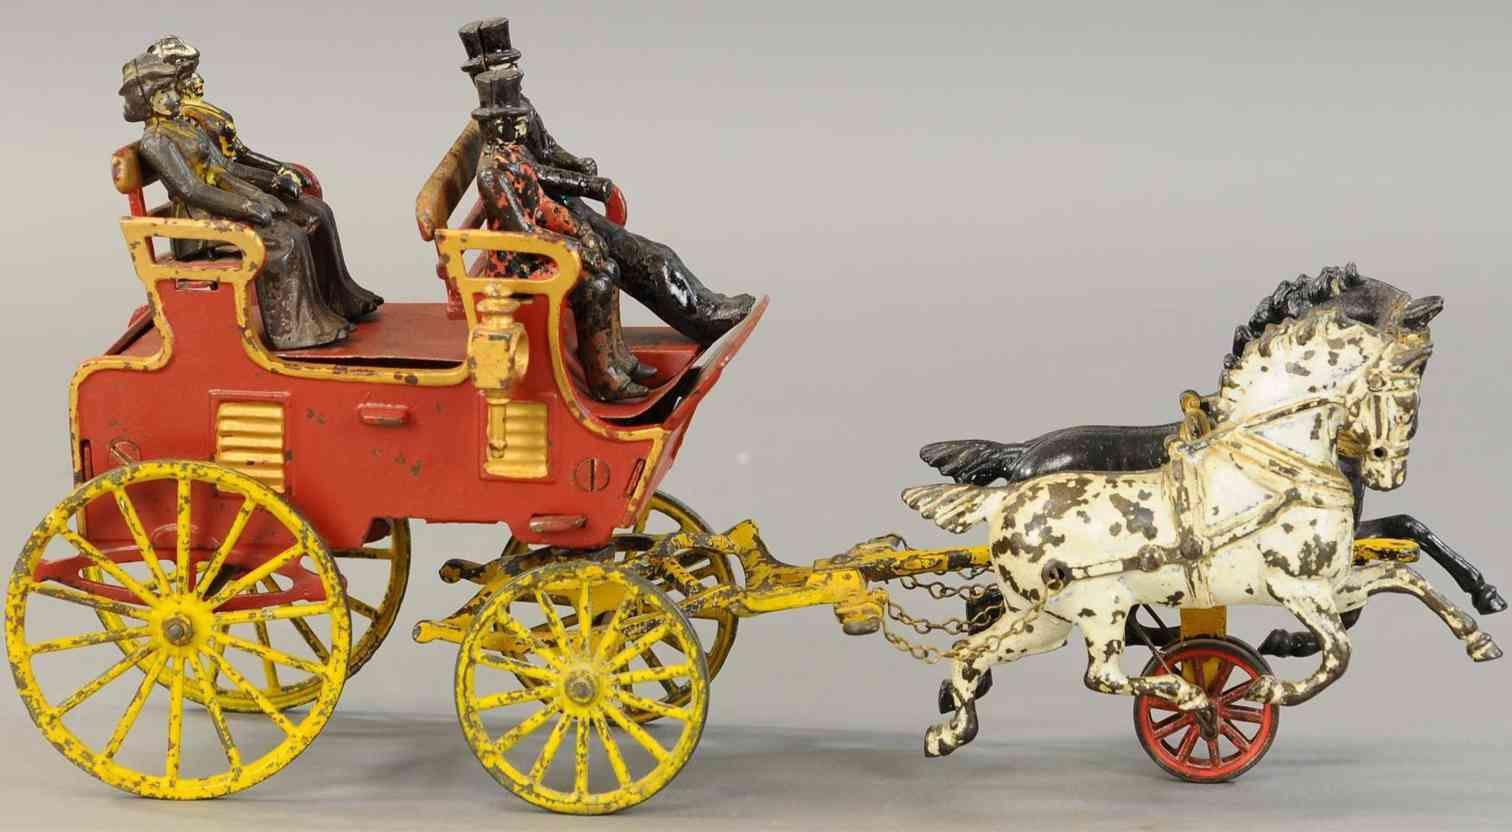 hubley spielzeug gusseisen kutsche zwei sitzreihen zwei pferde vier figuren